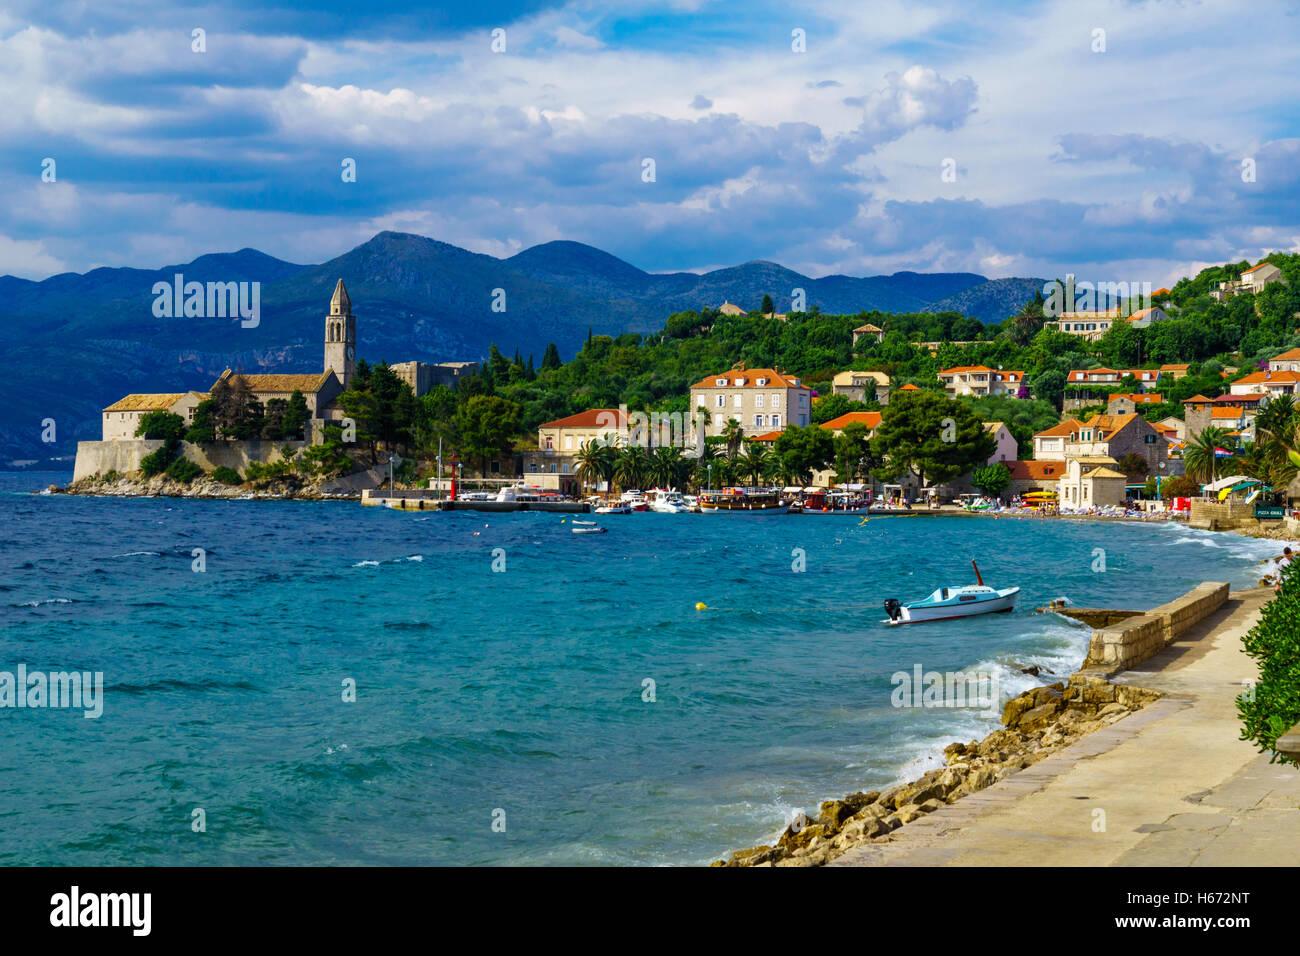 LOPUD, Kroatien - 27. Juni 2015: Szene den Hafen und den Strand mit dem Franziskanerkloster, Boote, einheimischen Stockbild